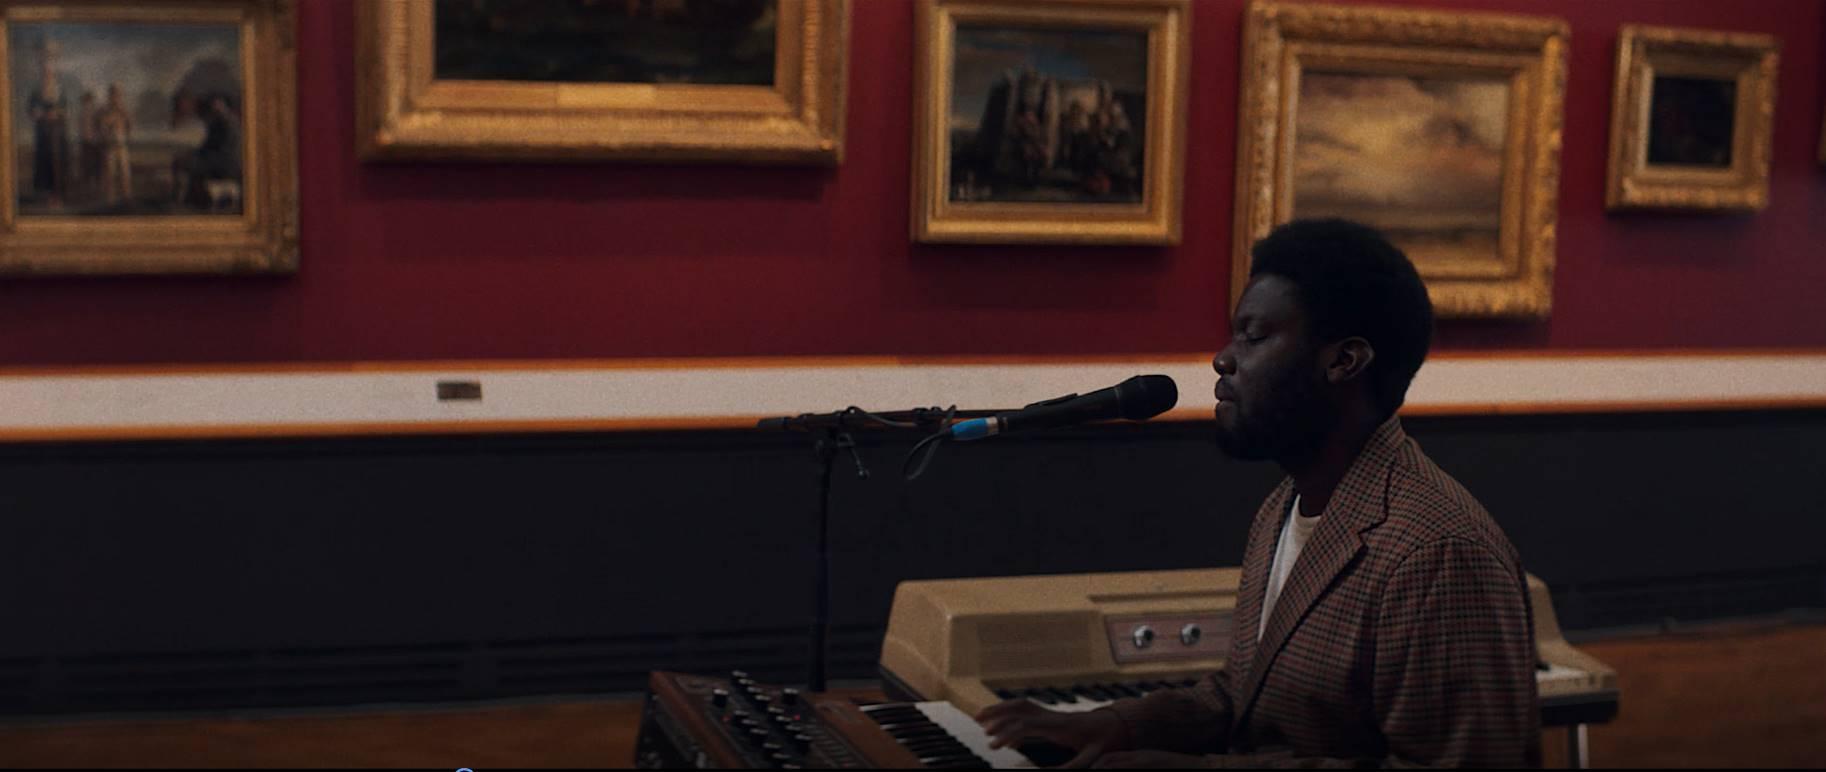 Heb jij dit prachtige live-optreden van Michael Kiwanuka al gezien?